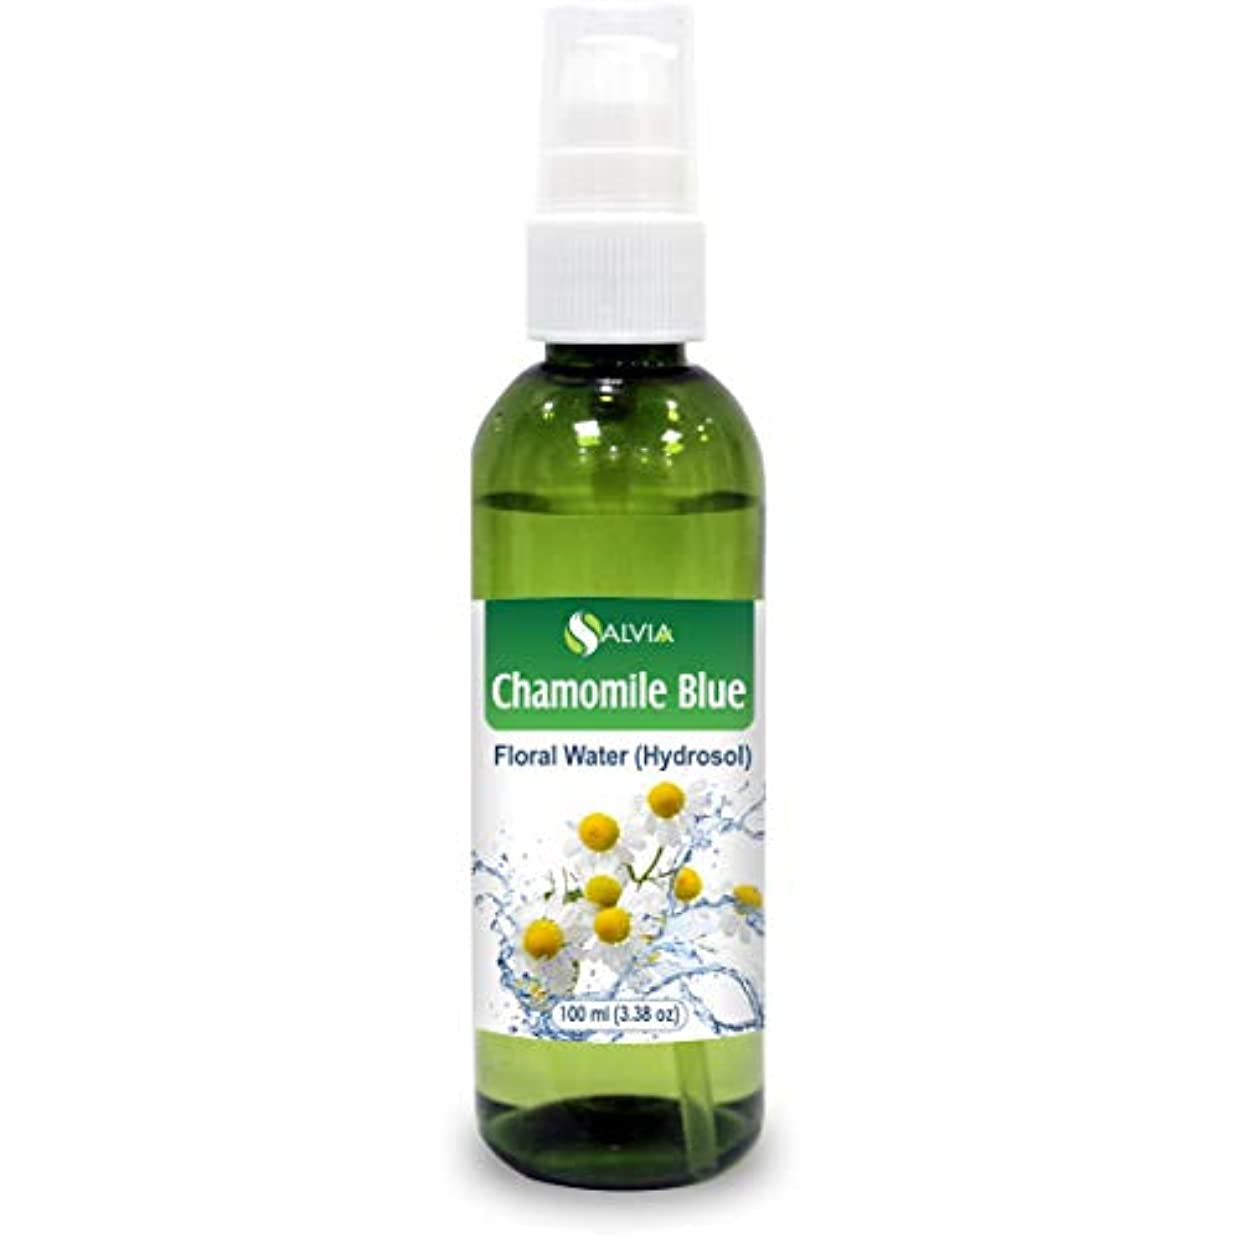 ヘルメット所属大胆Chamomile Oil, Blue Floral Water 100ml (Hydrosol) 100% Pure And Natural